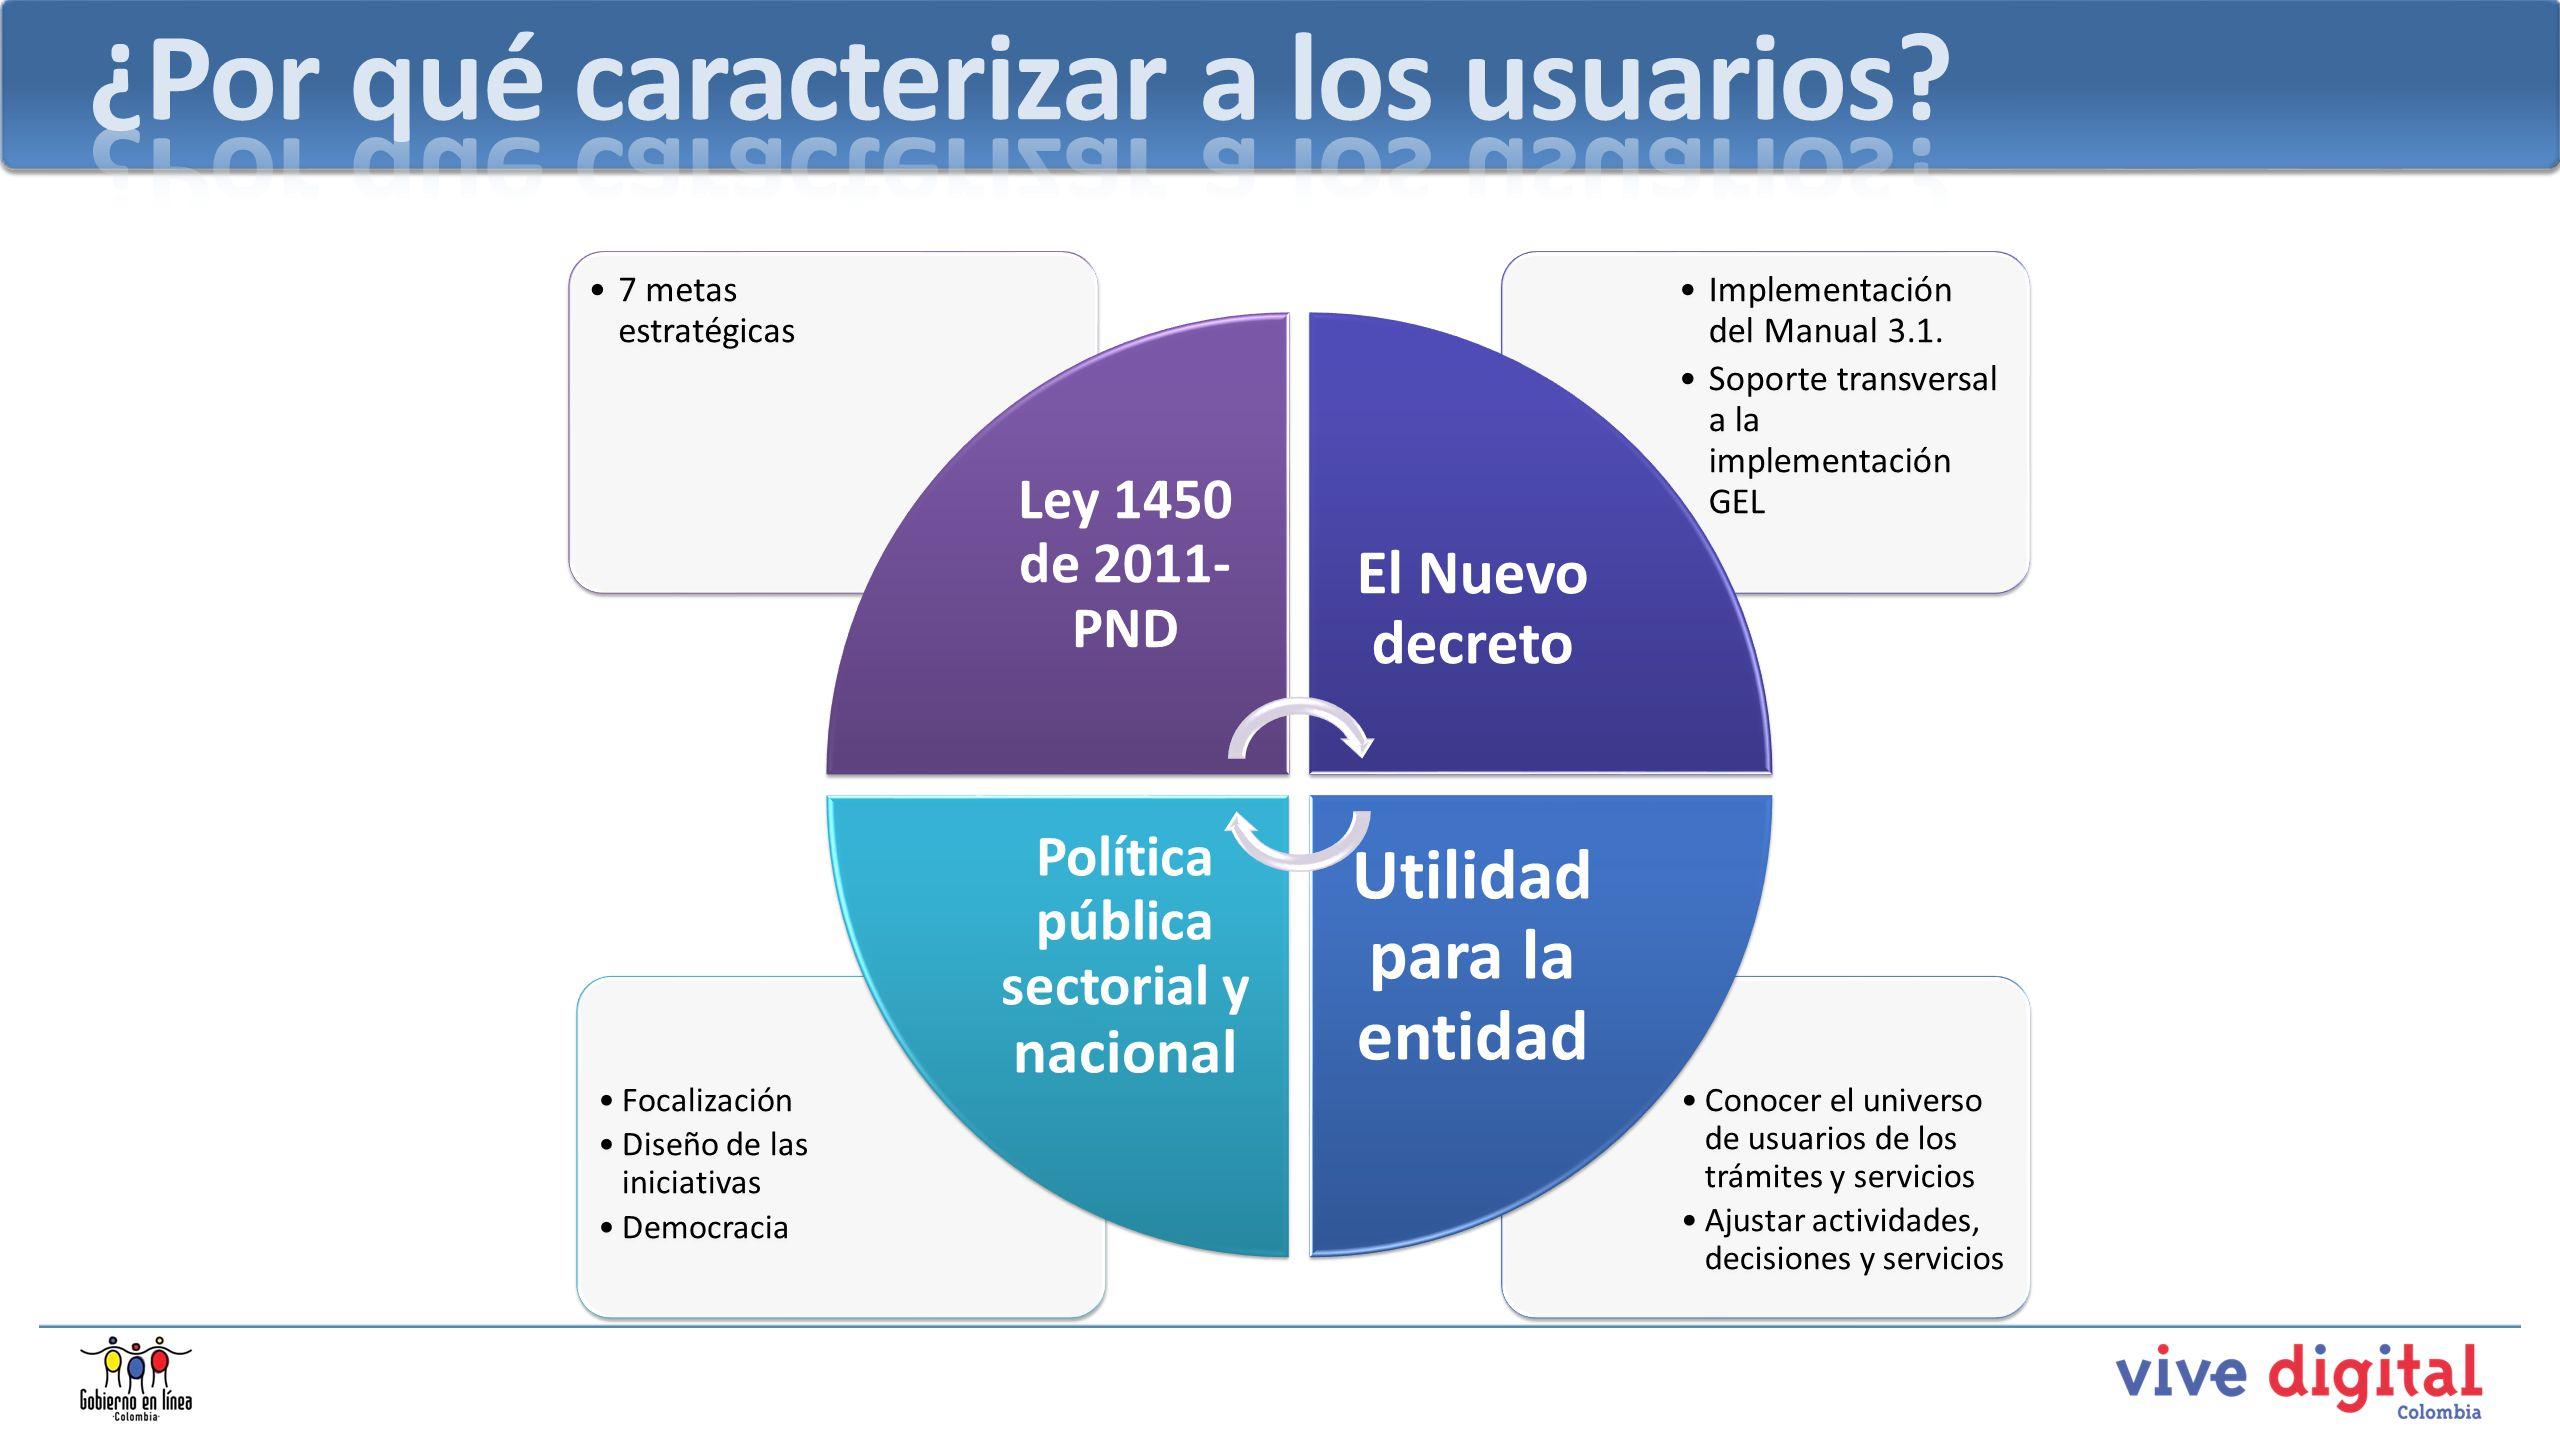 Utilidad para la entidad Política pública sectorial y nacional